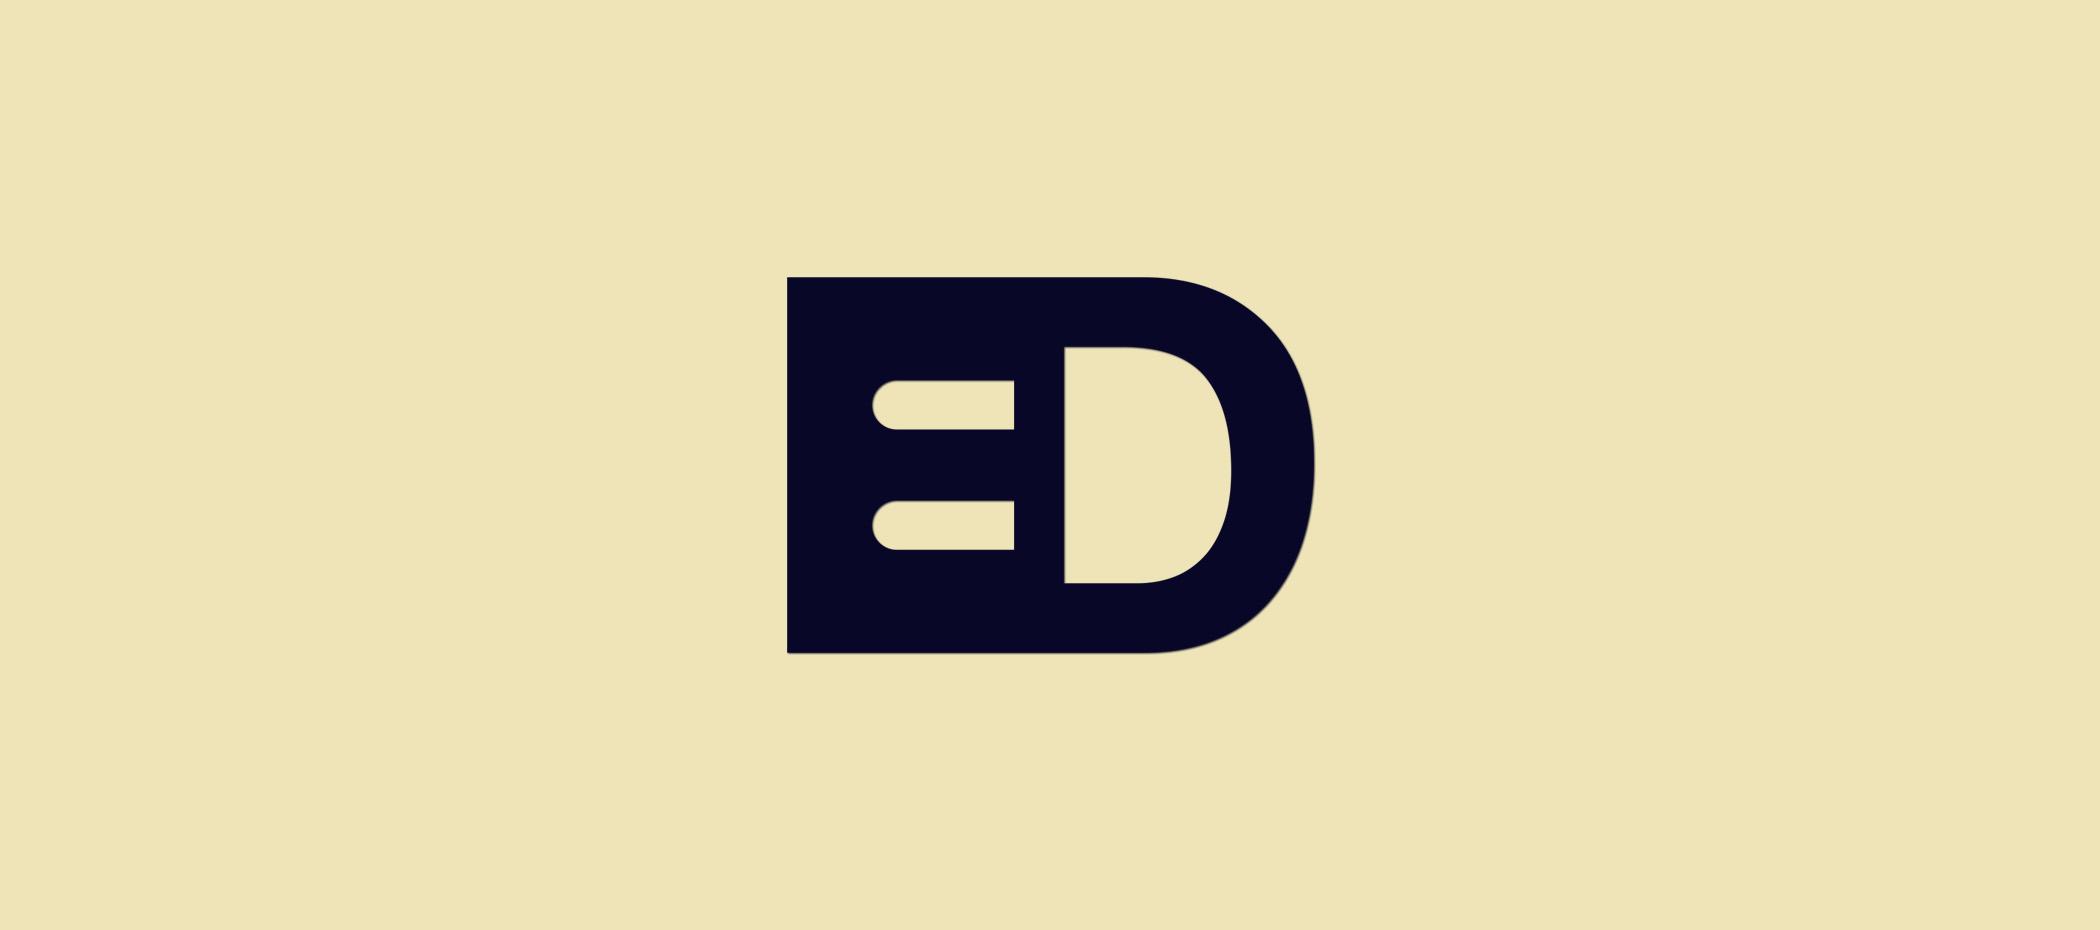 diseño logotipo - Beusual diseño grafico - dotesol